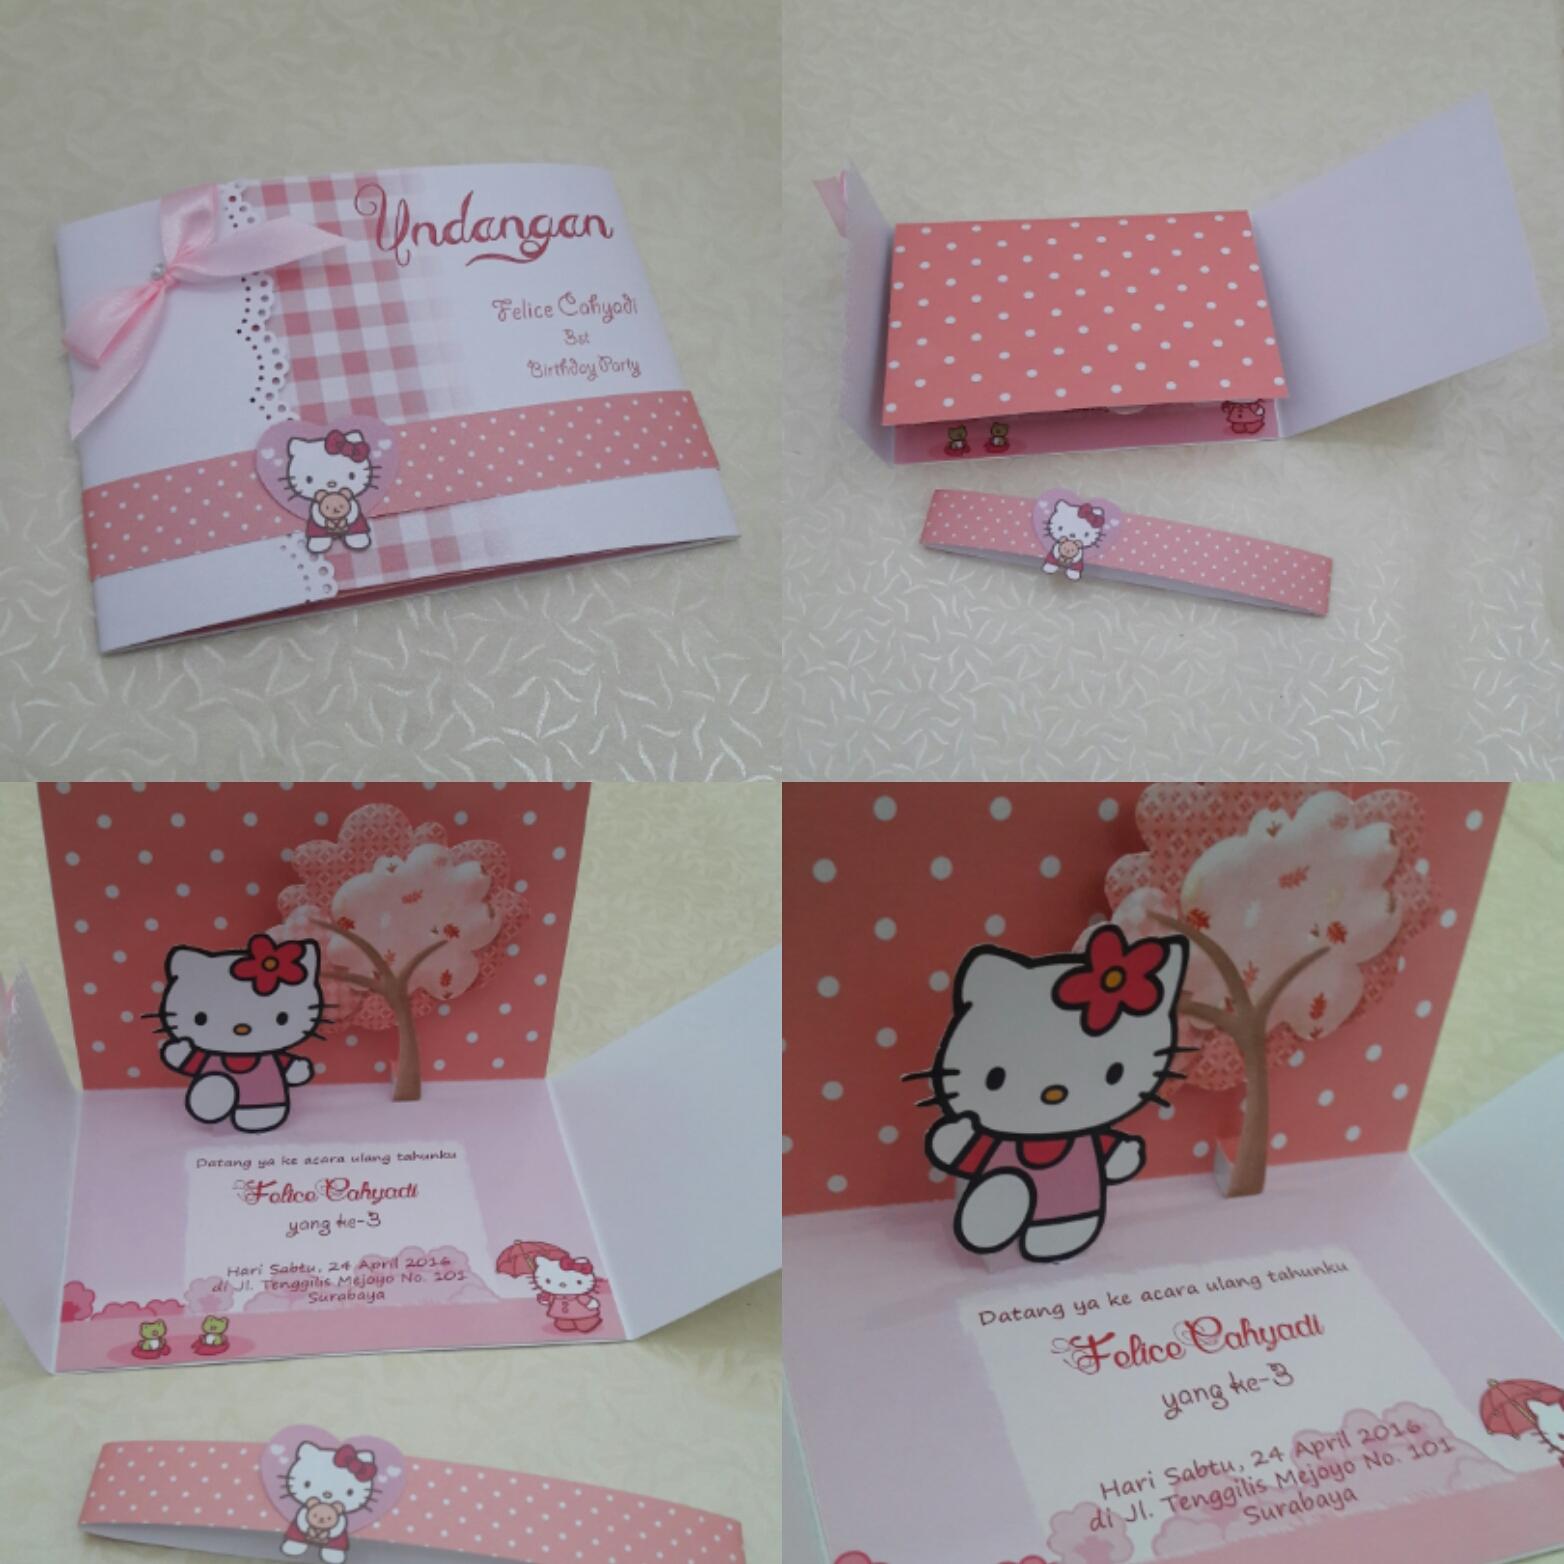 Undangan Pernikahan Hello Kitty Contoh Undangan Pernikahan